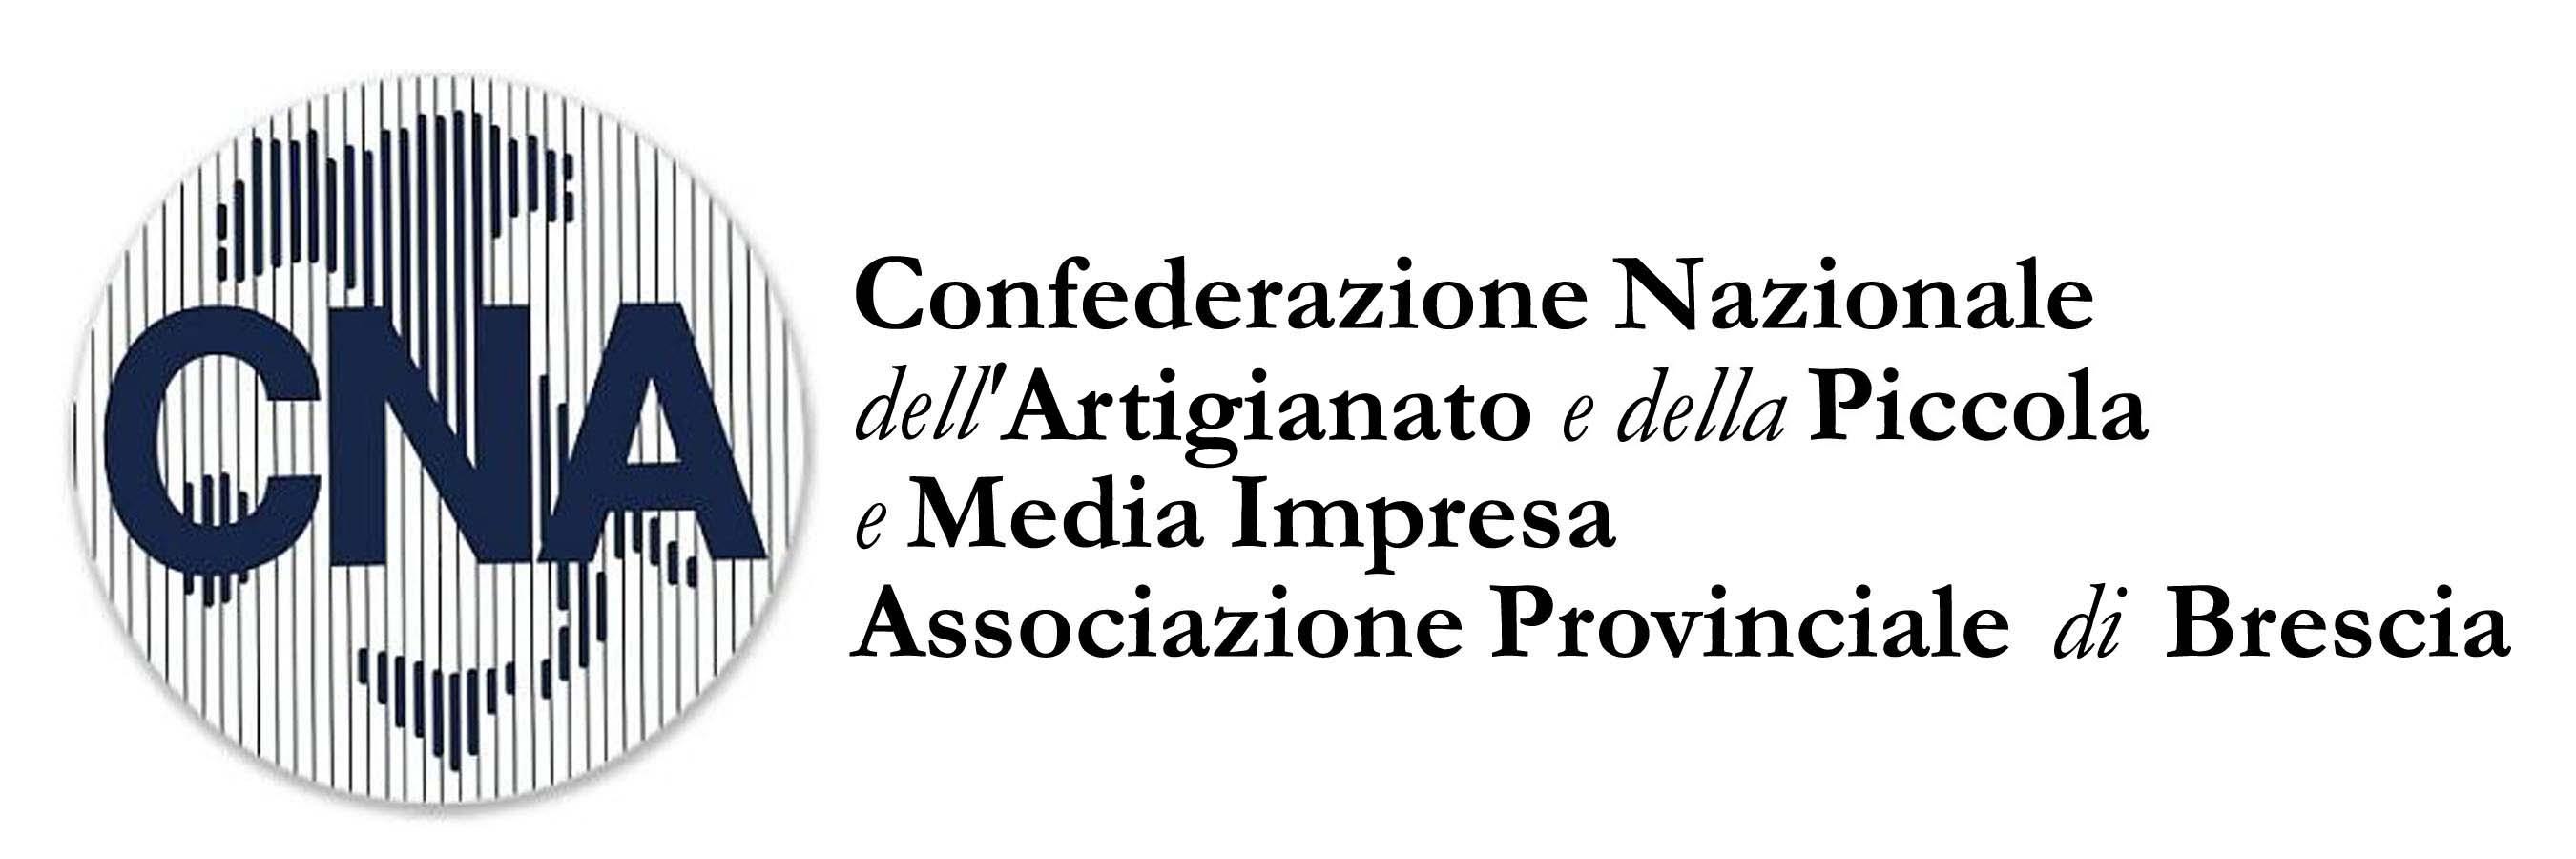 CNA – Confederazione Nazionale dell'Artgianato e della Piccola e Media Impresa